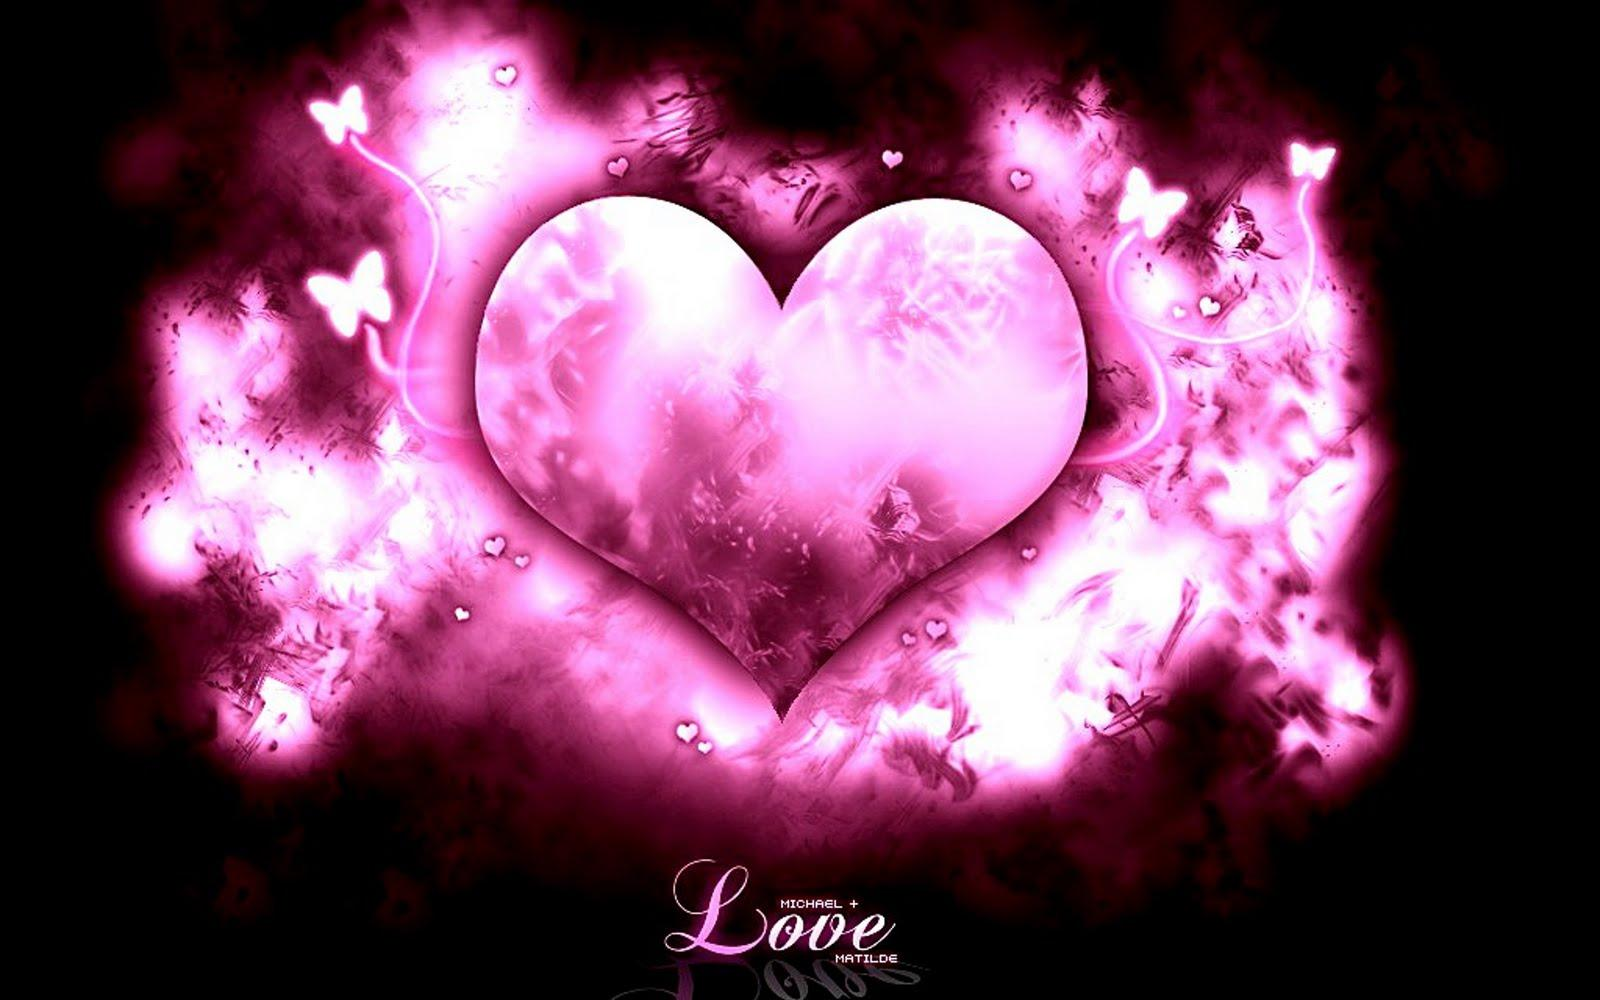 http://4.bp.blogspot.com/-IjjFYyR5O3g/UQZzQZytDeI/AAAAAAAAC2A/HLV8_X2ej5Q/s1600/i+love+you+heart+HD+wallpaper+(9).jpg